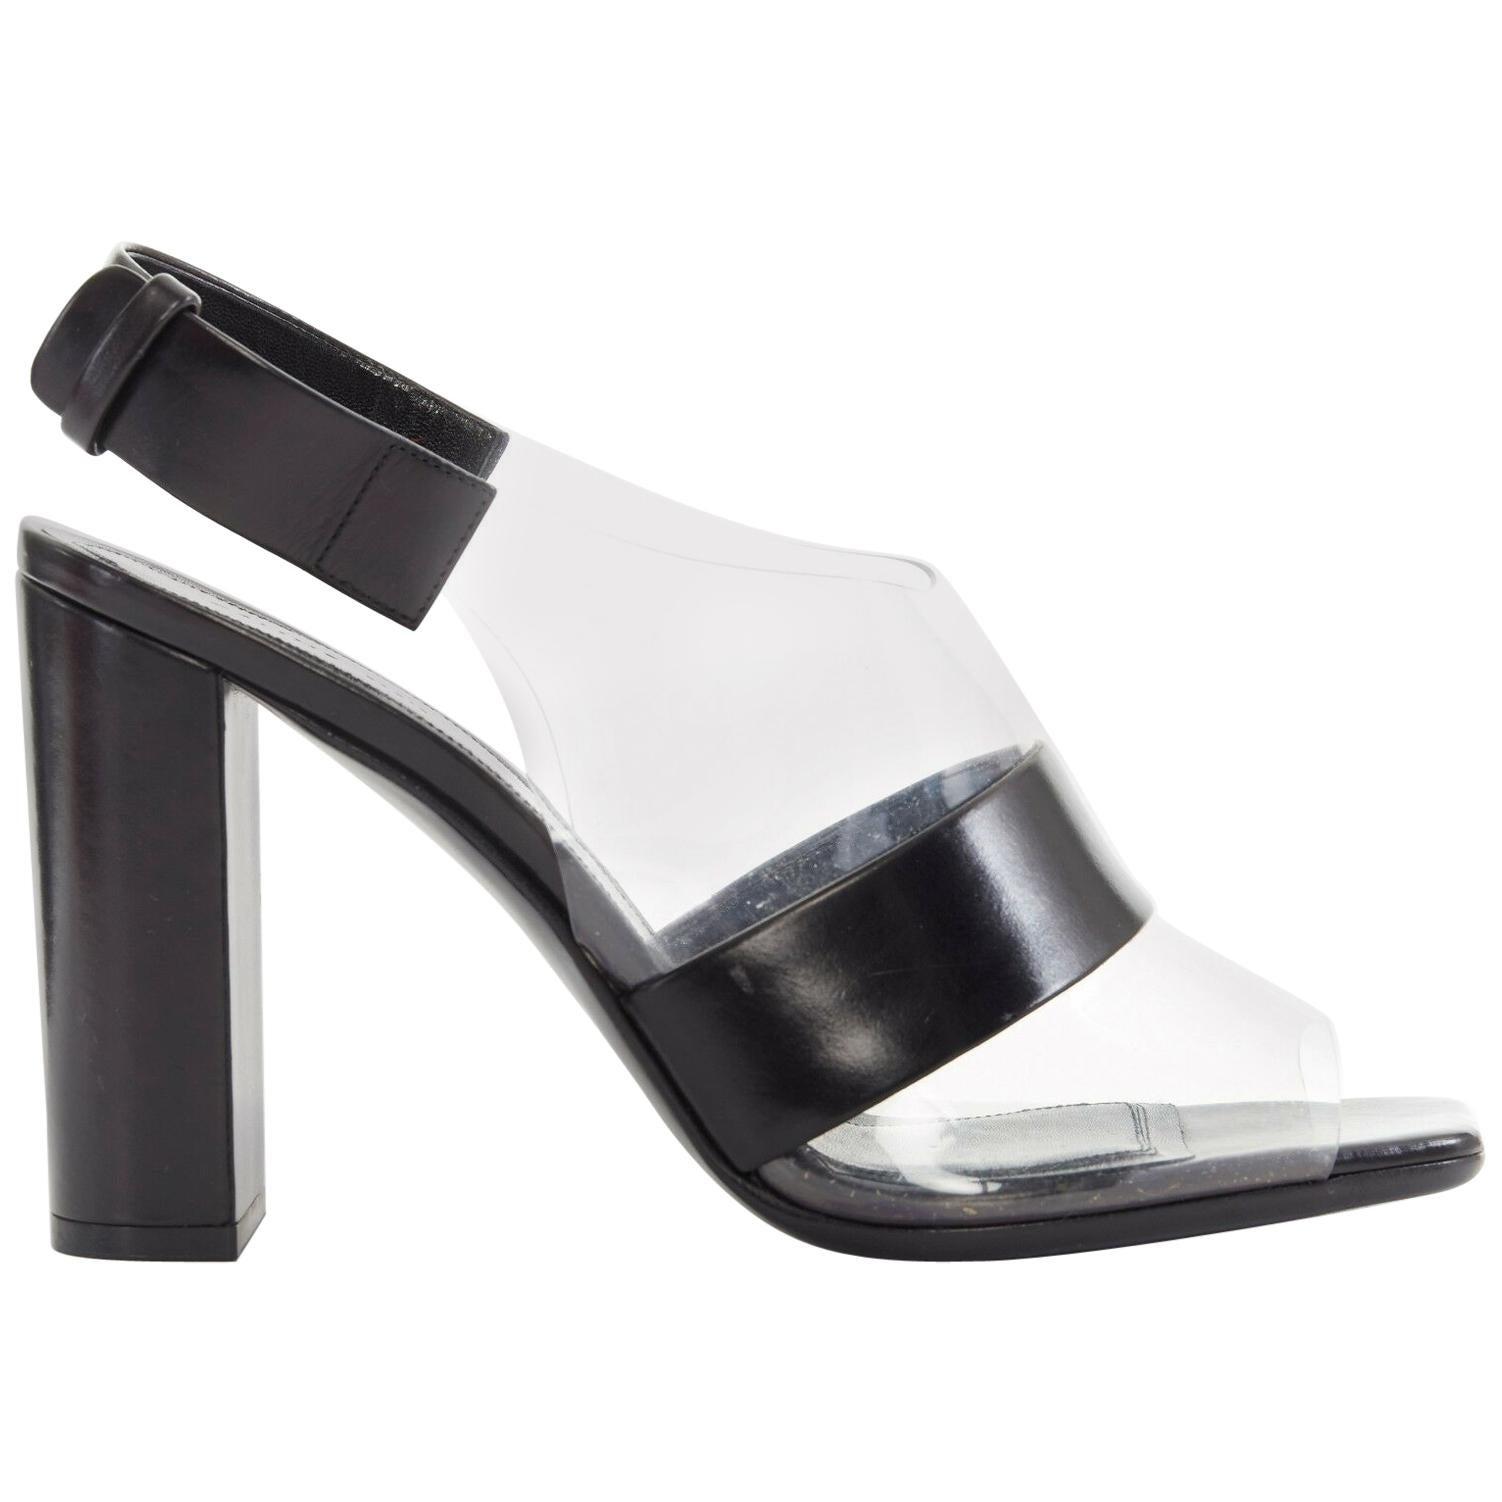 new CELINE PHILO clear PVC black leather peep toe slingback chunky heel EU38